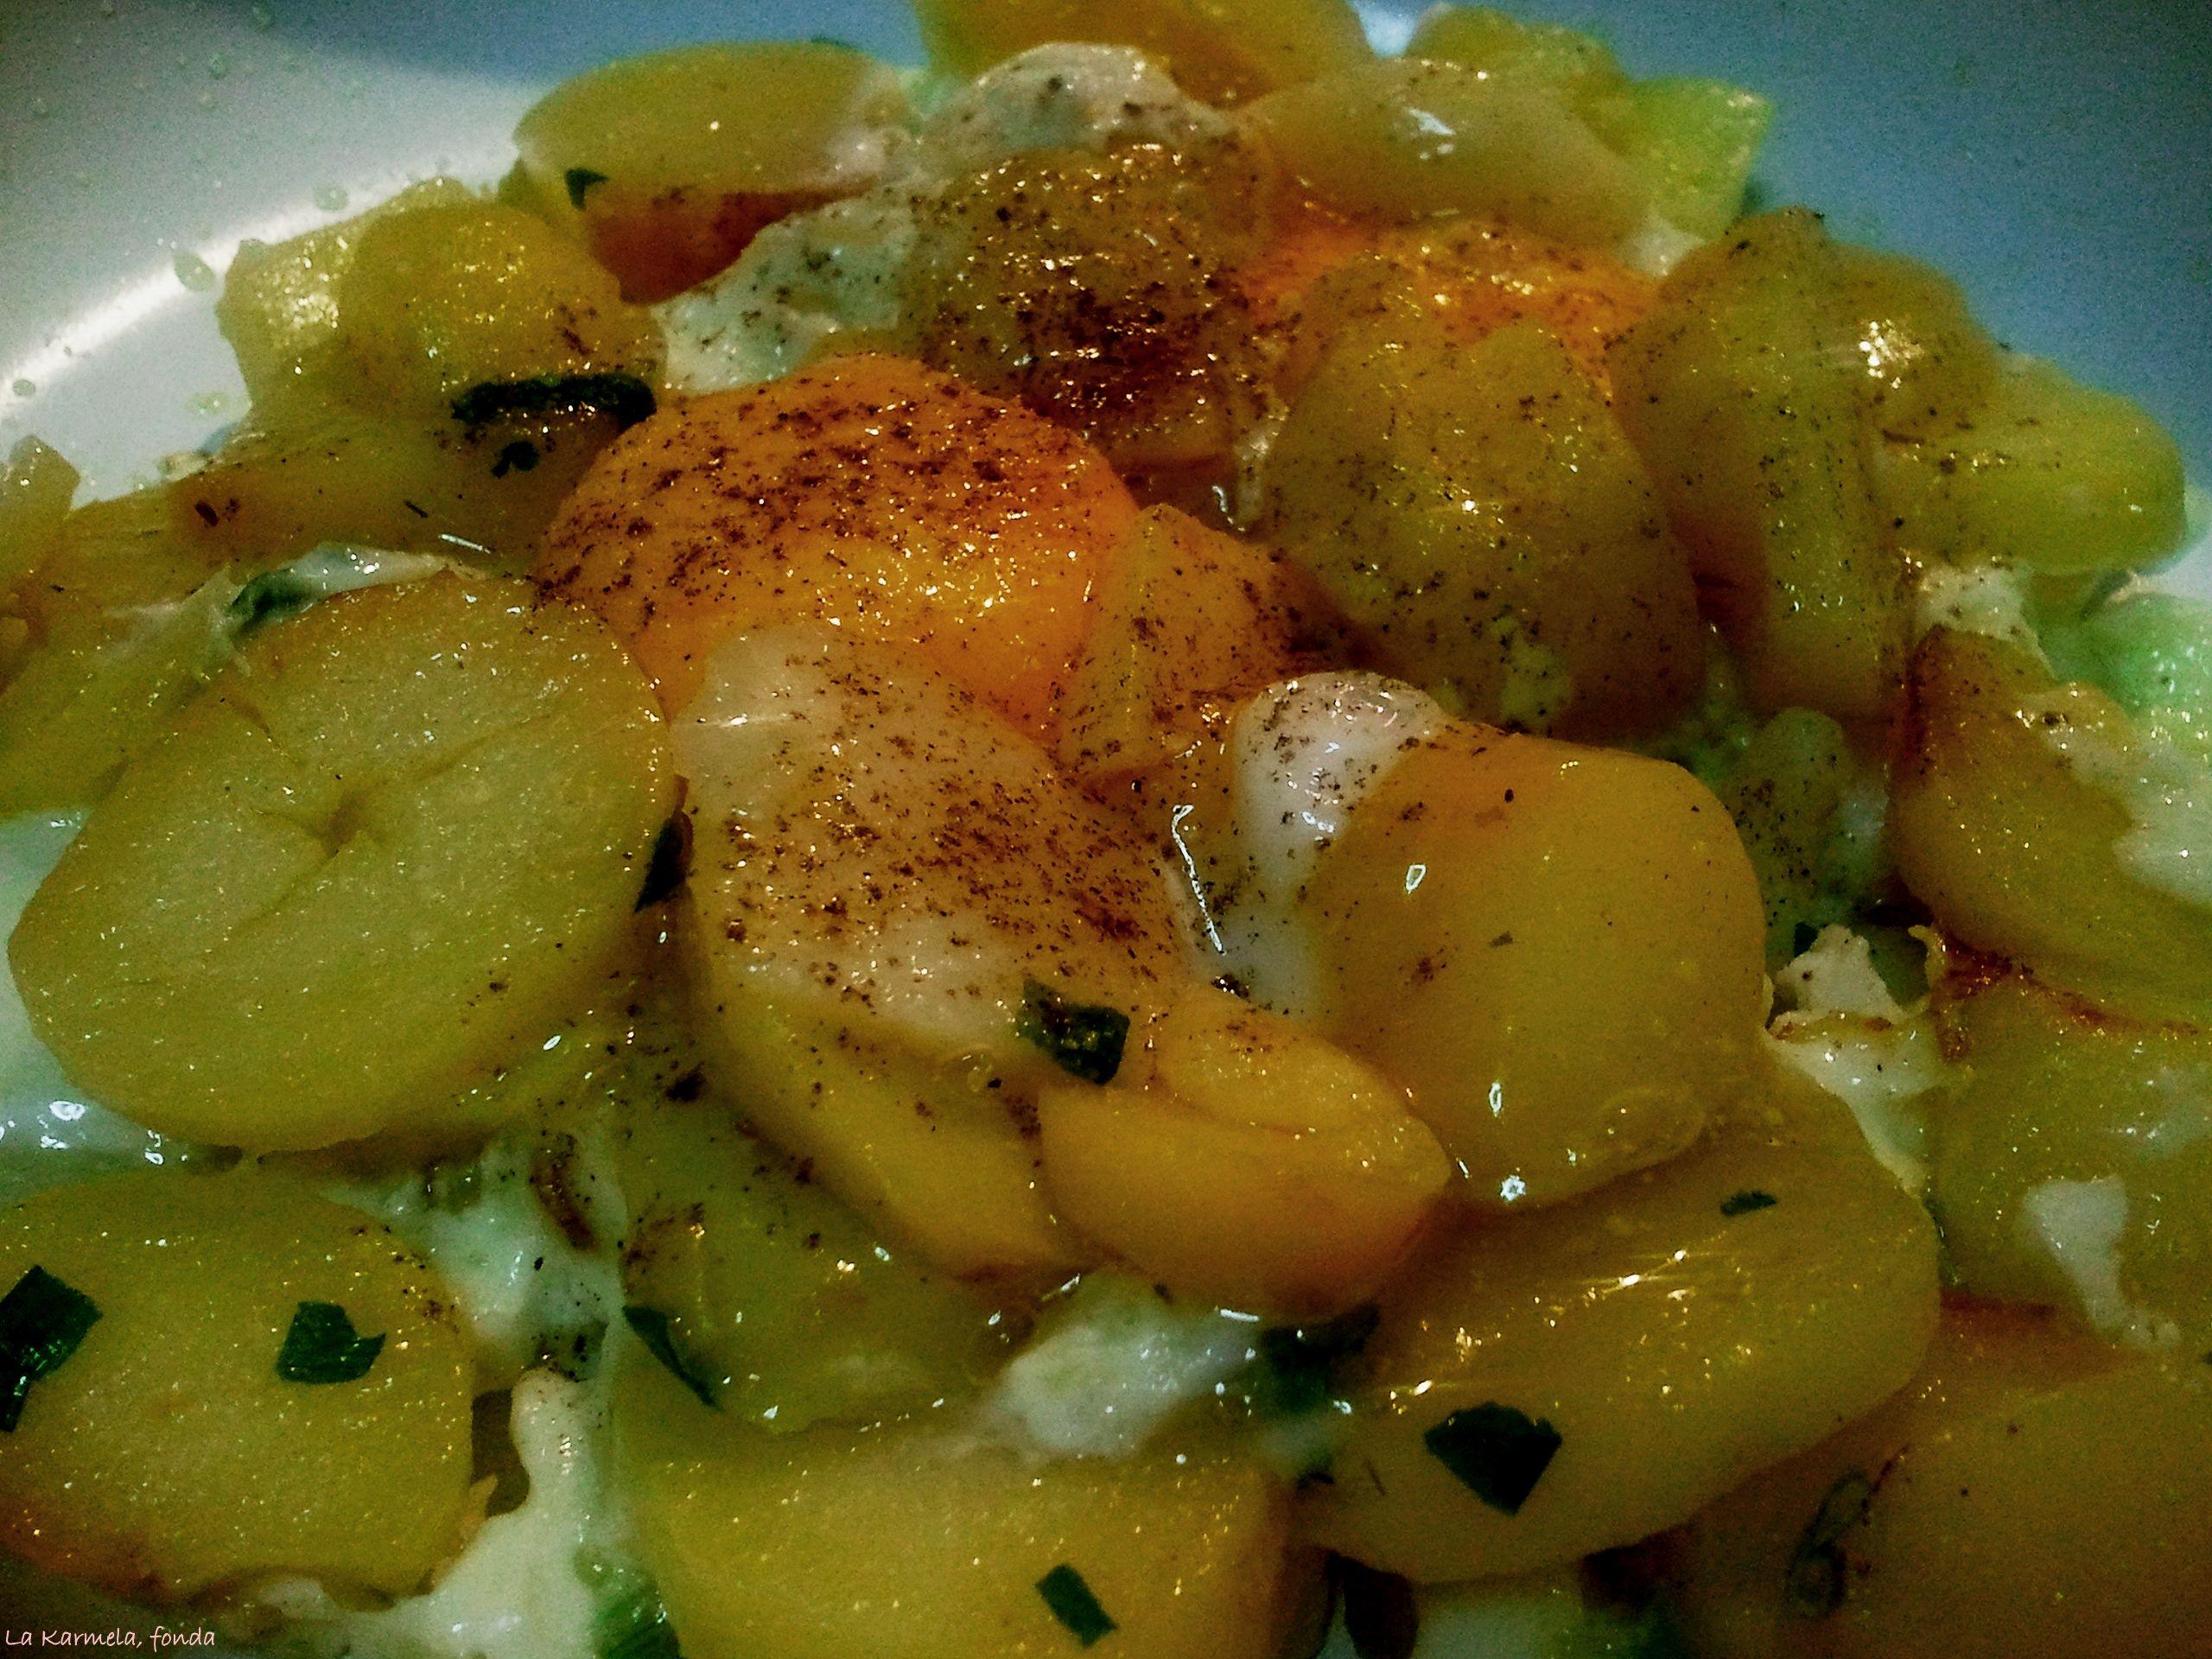 Huevos rotos sobre patatas asadas al toque de pimienta